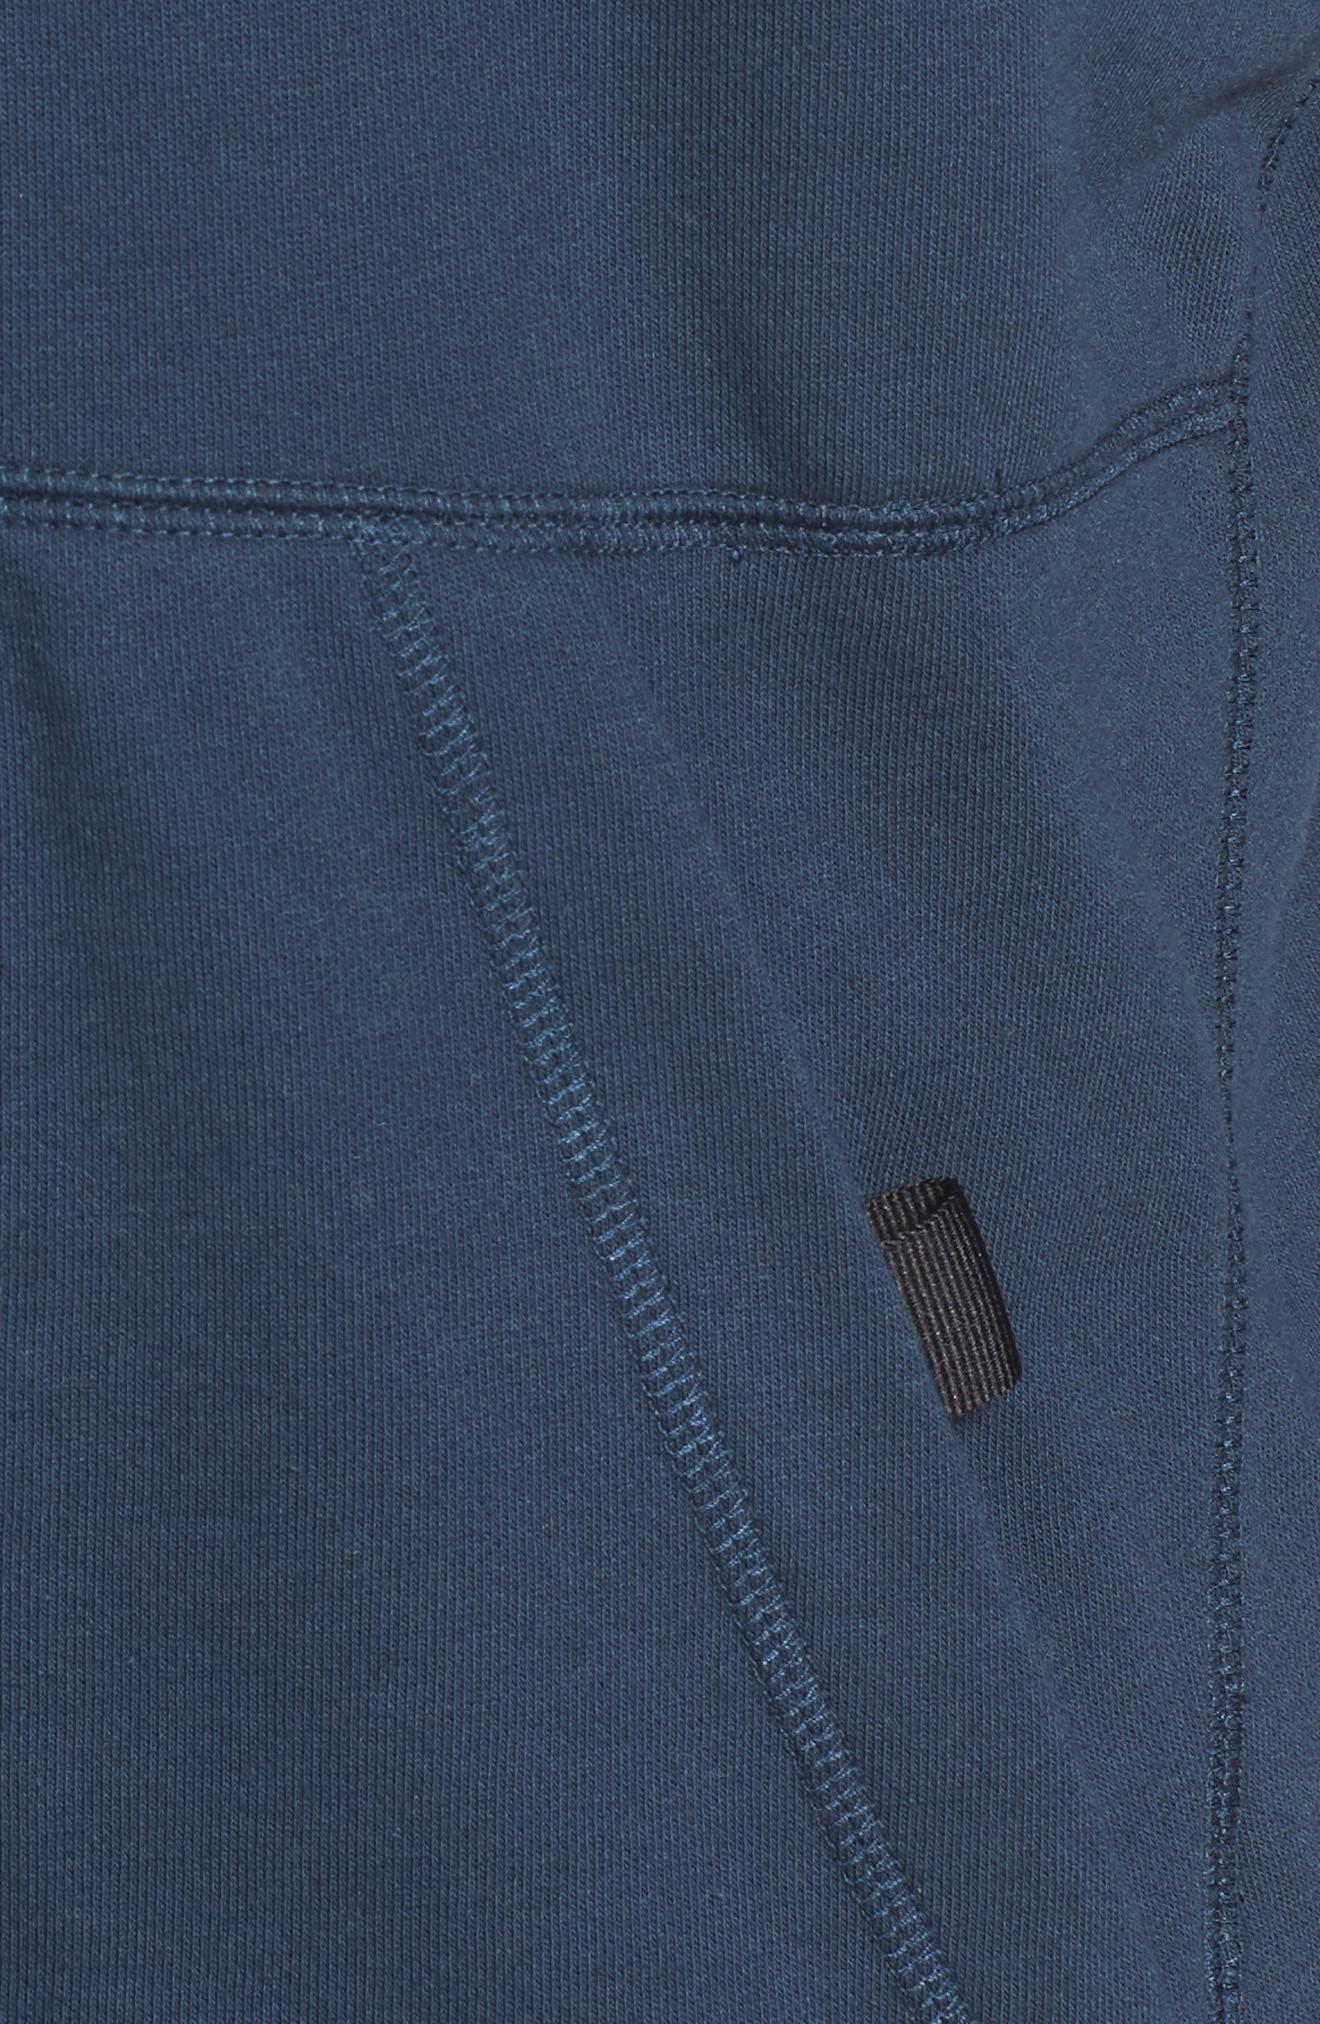 NIKE, Air Force One Zip Hoodie Jacket, Alternate thumbnail 6, color, ARMORY NAVY/ BLACK